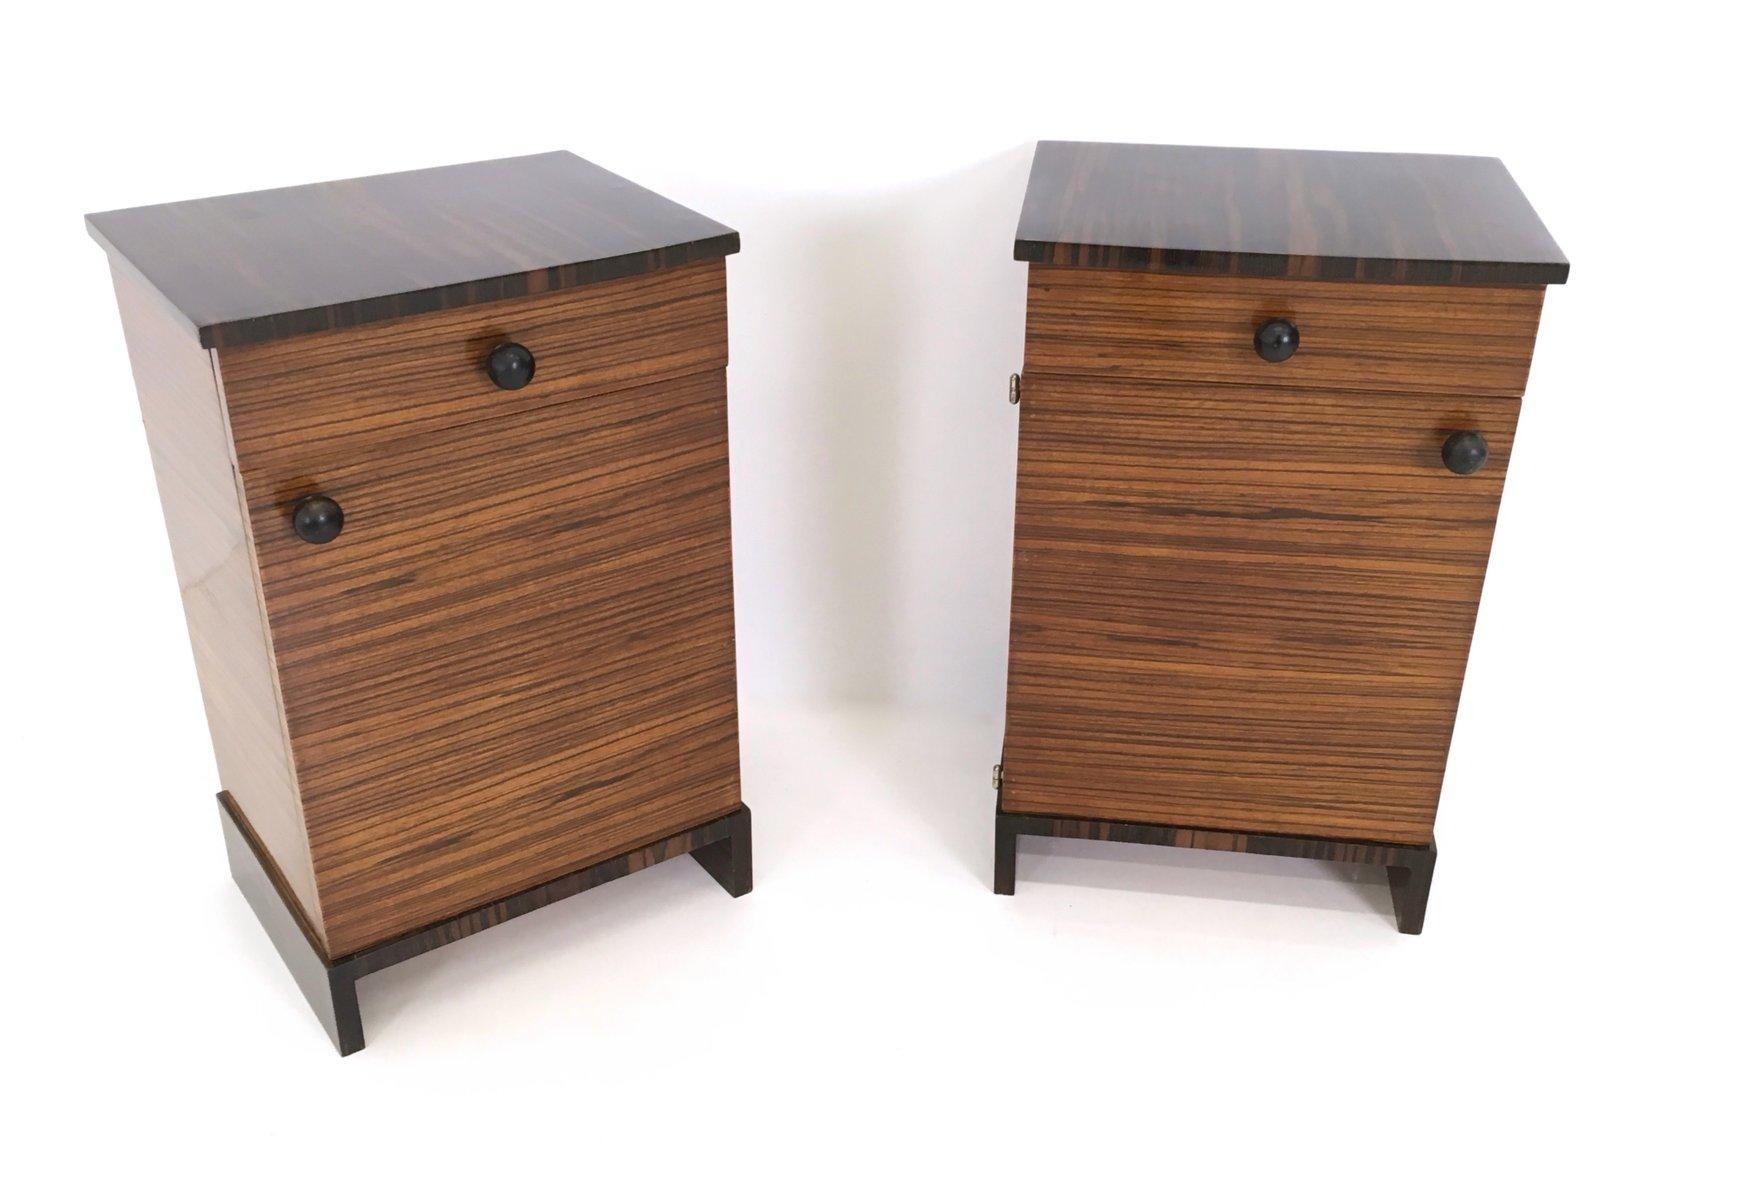 Mesas de noche de madera de zebrano y bano macassar a os 40 juego de 2 en venta en pamono - Mesas de noche de madera ...